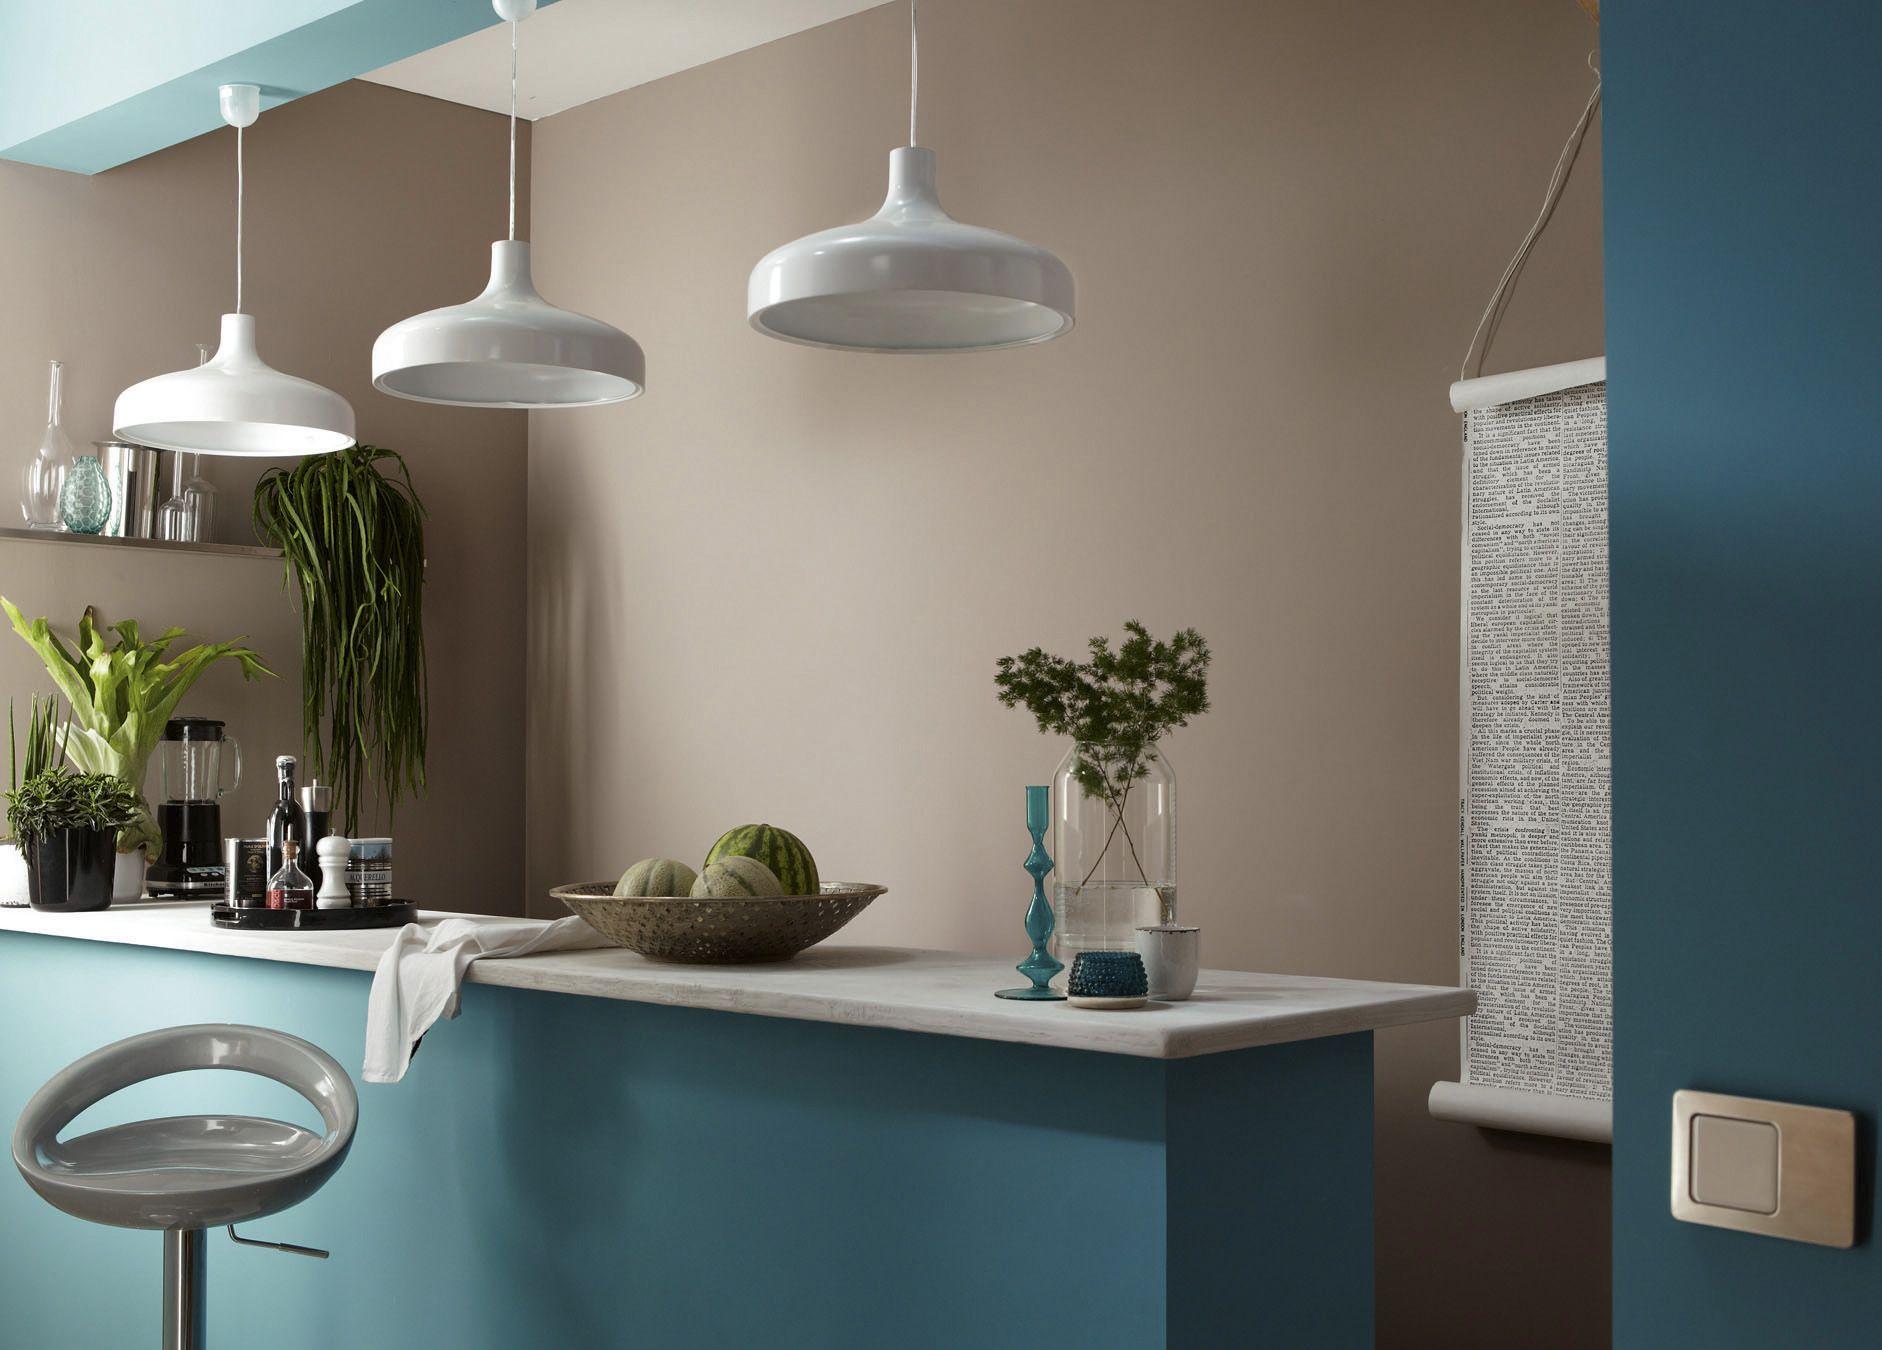 Peinture mur dulux valentine architecte jacuzzi d cor for Dulux valentine cuisine et bain